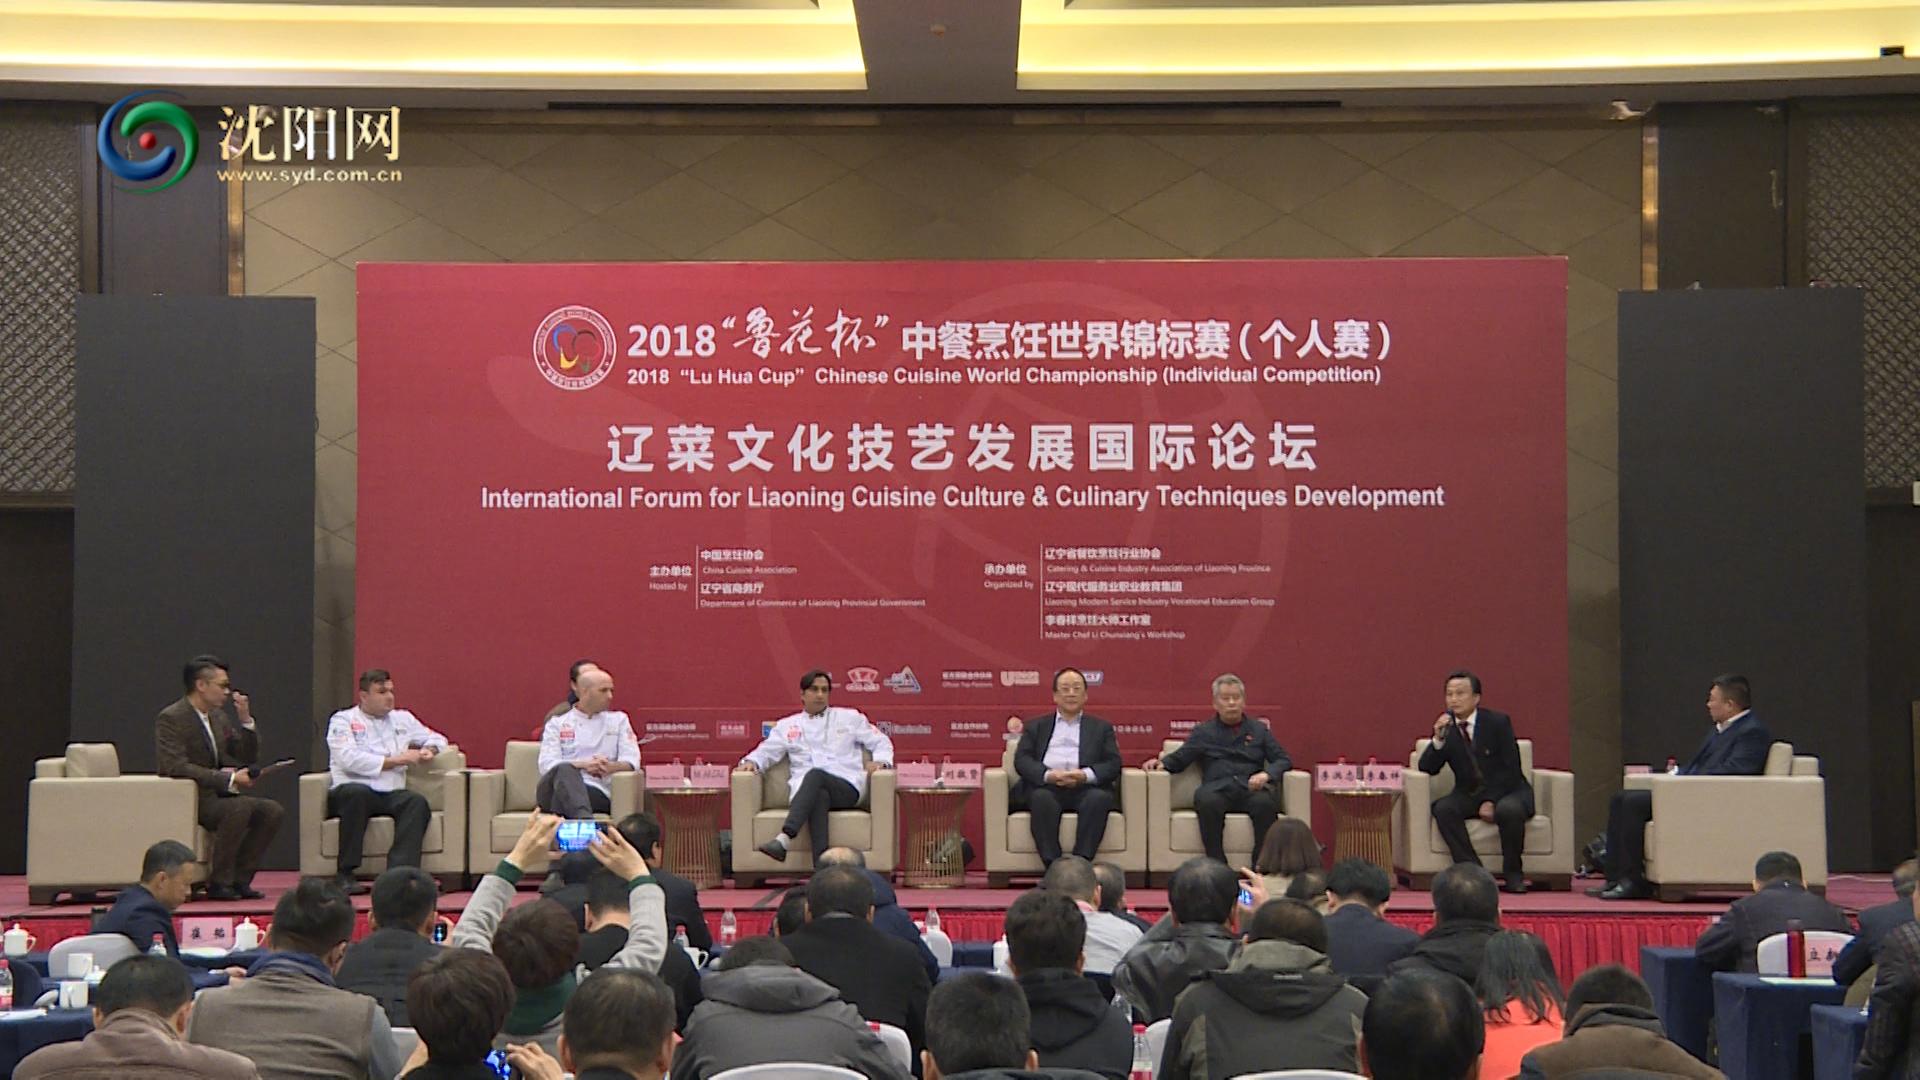 辽菜文化技艺发展国际论坛在沈举行